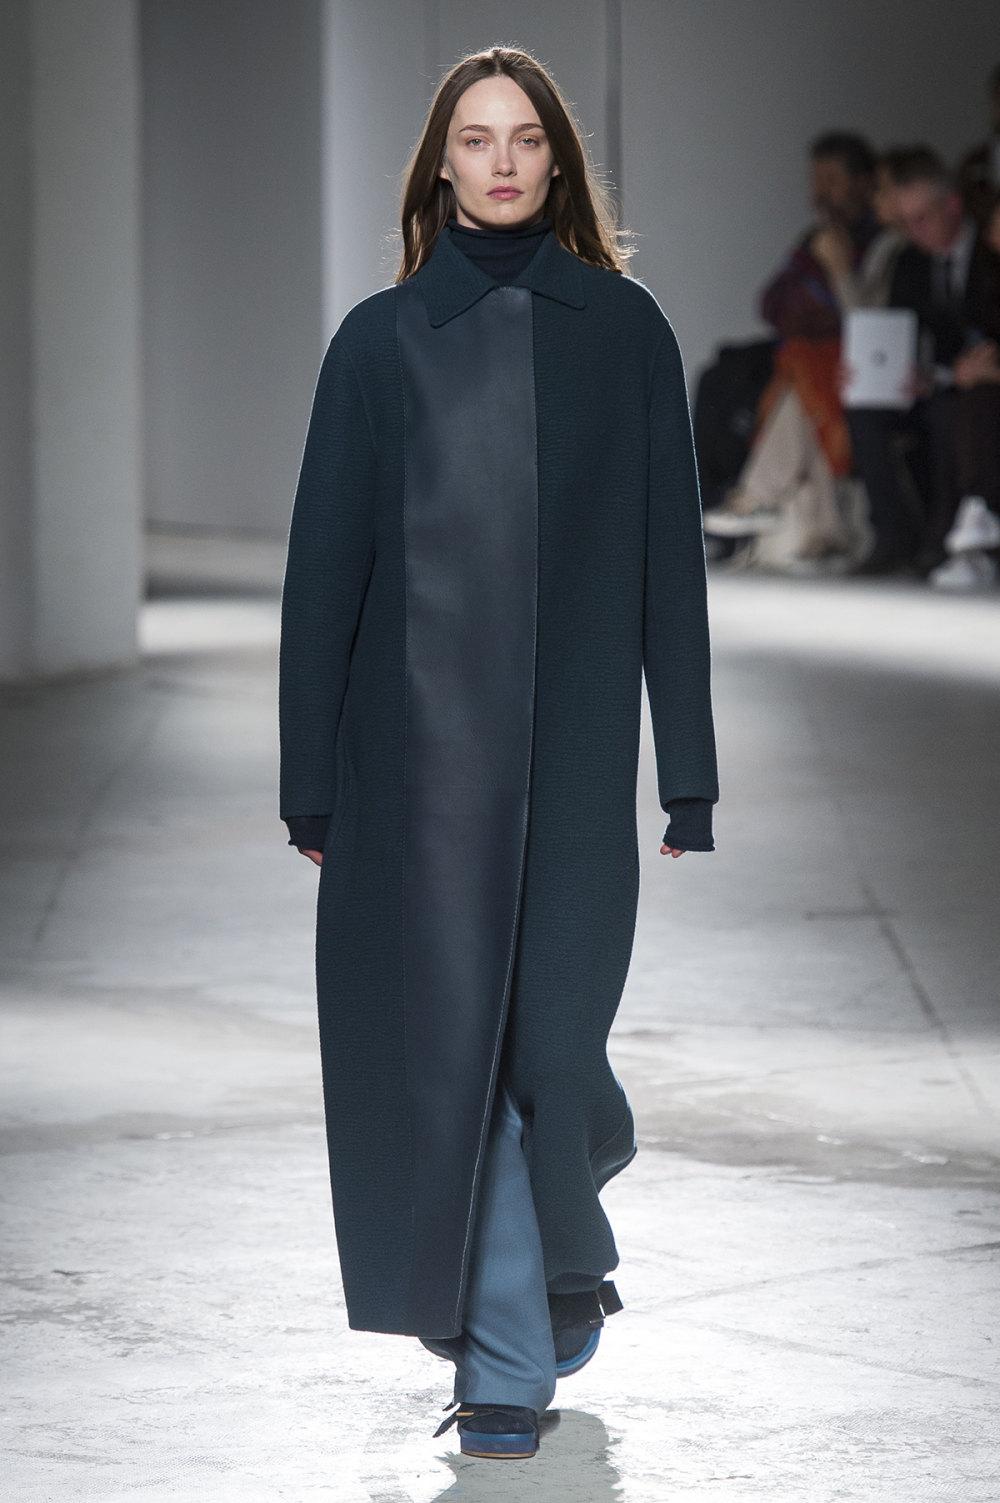 Agnona时装系列有纹理外套长而瘦有些穿着浴袍宽腿裤套装有巧克力-36.jpg